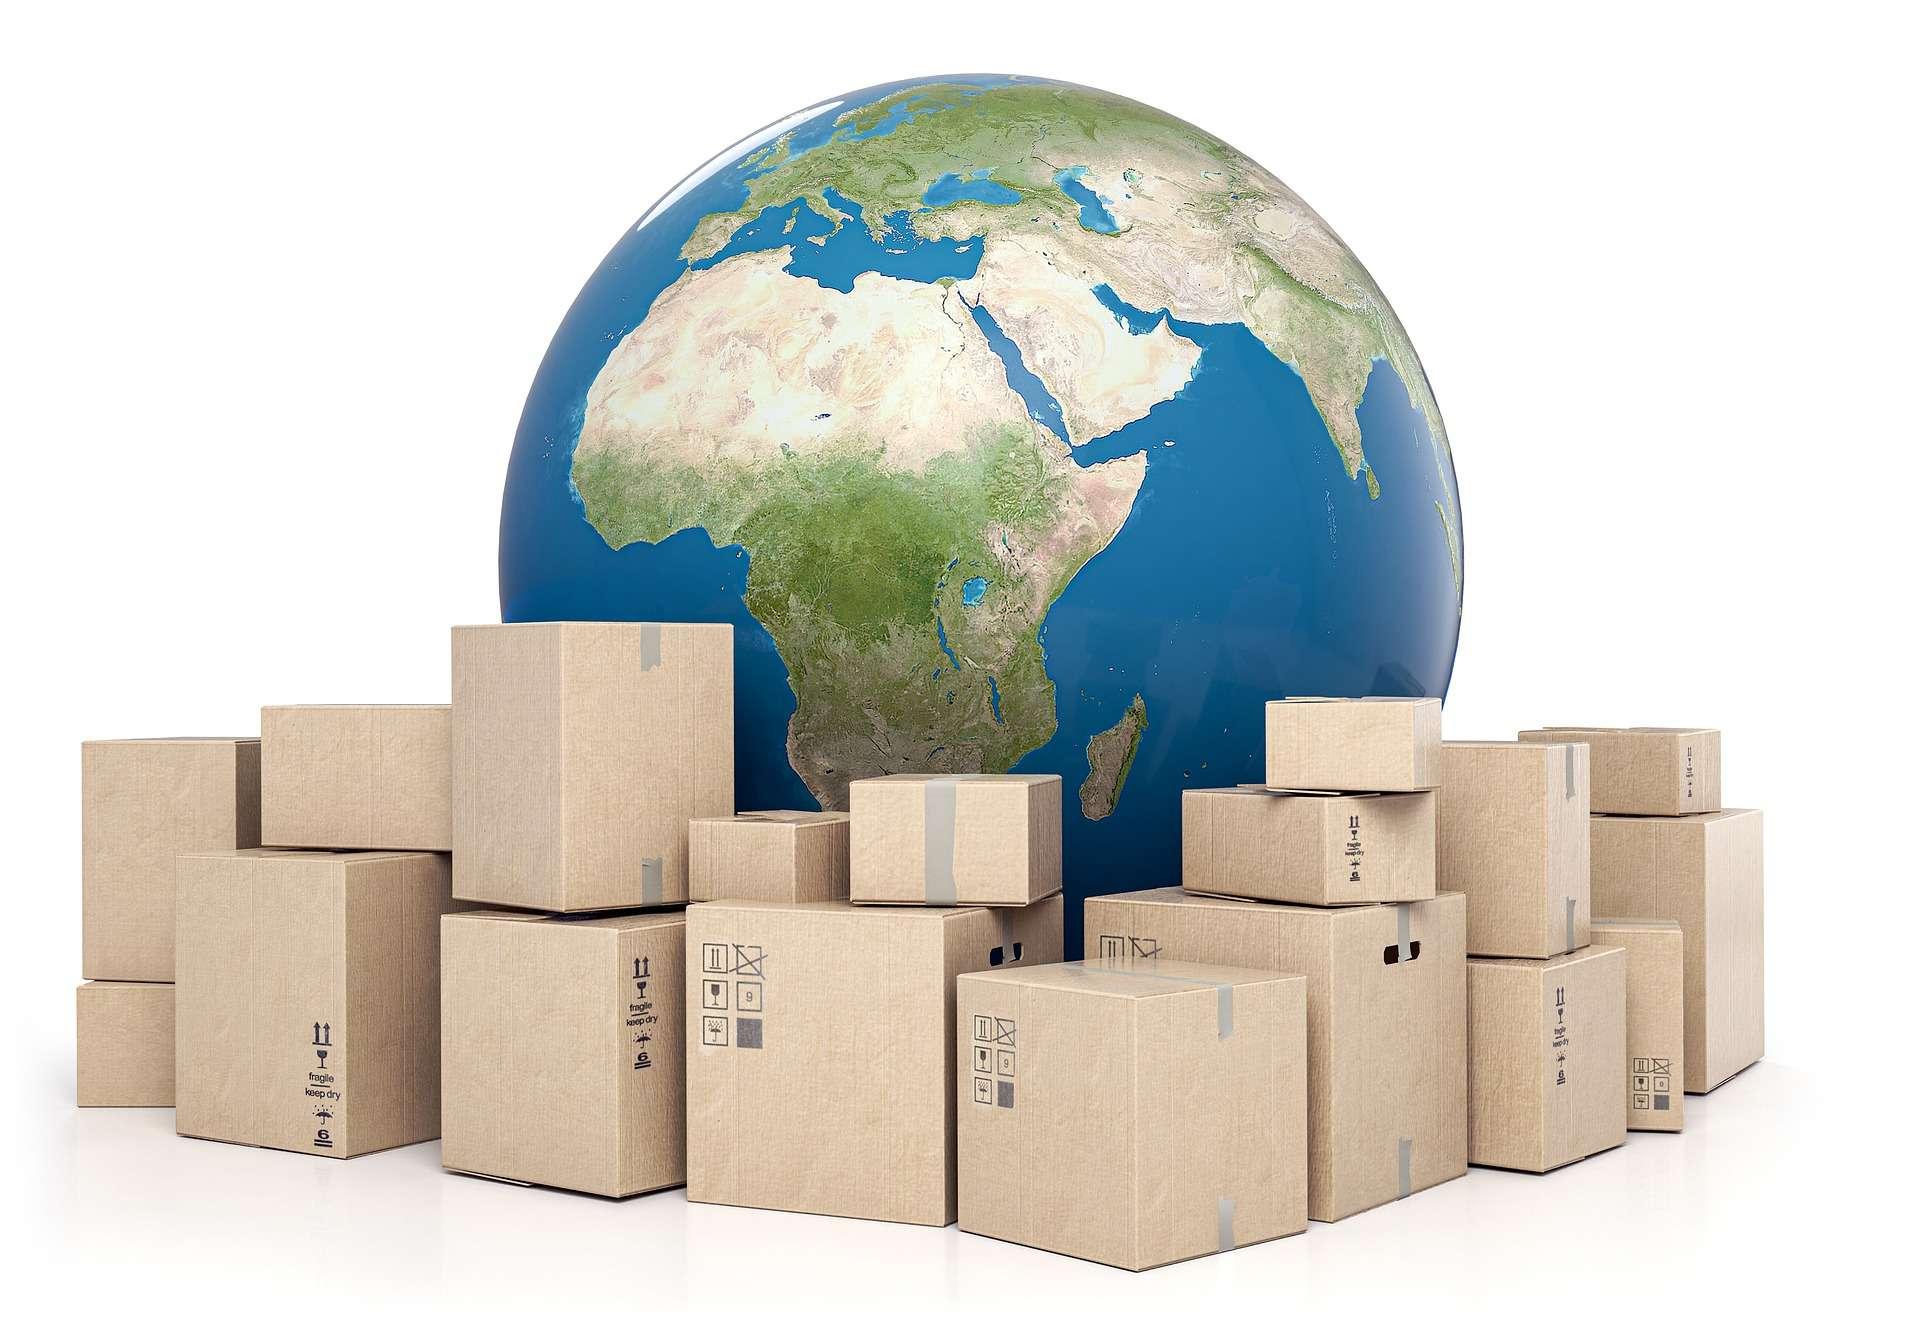 Nuove risorse per l'internazionalizzazione